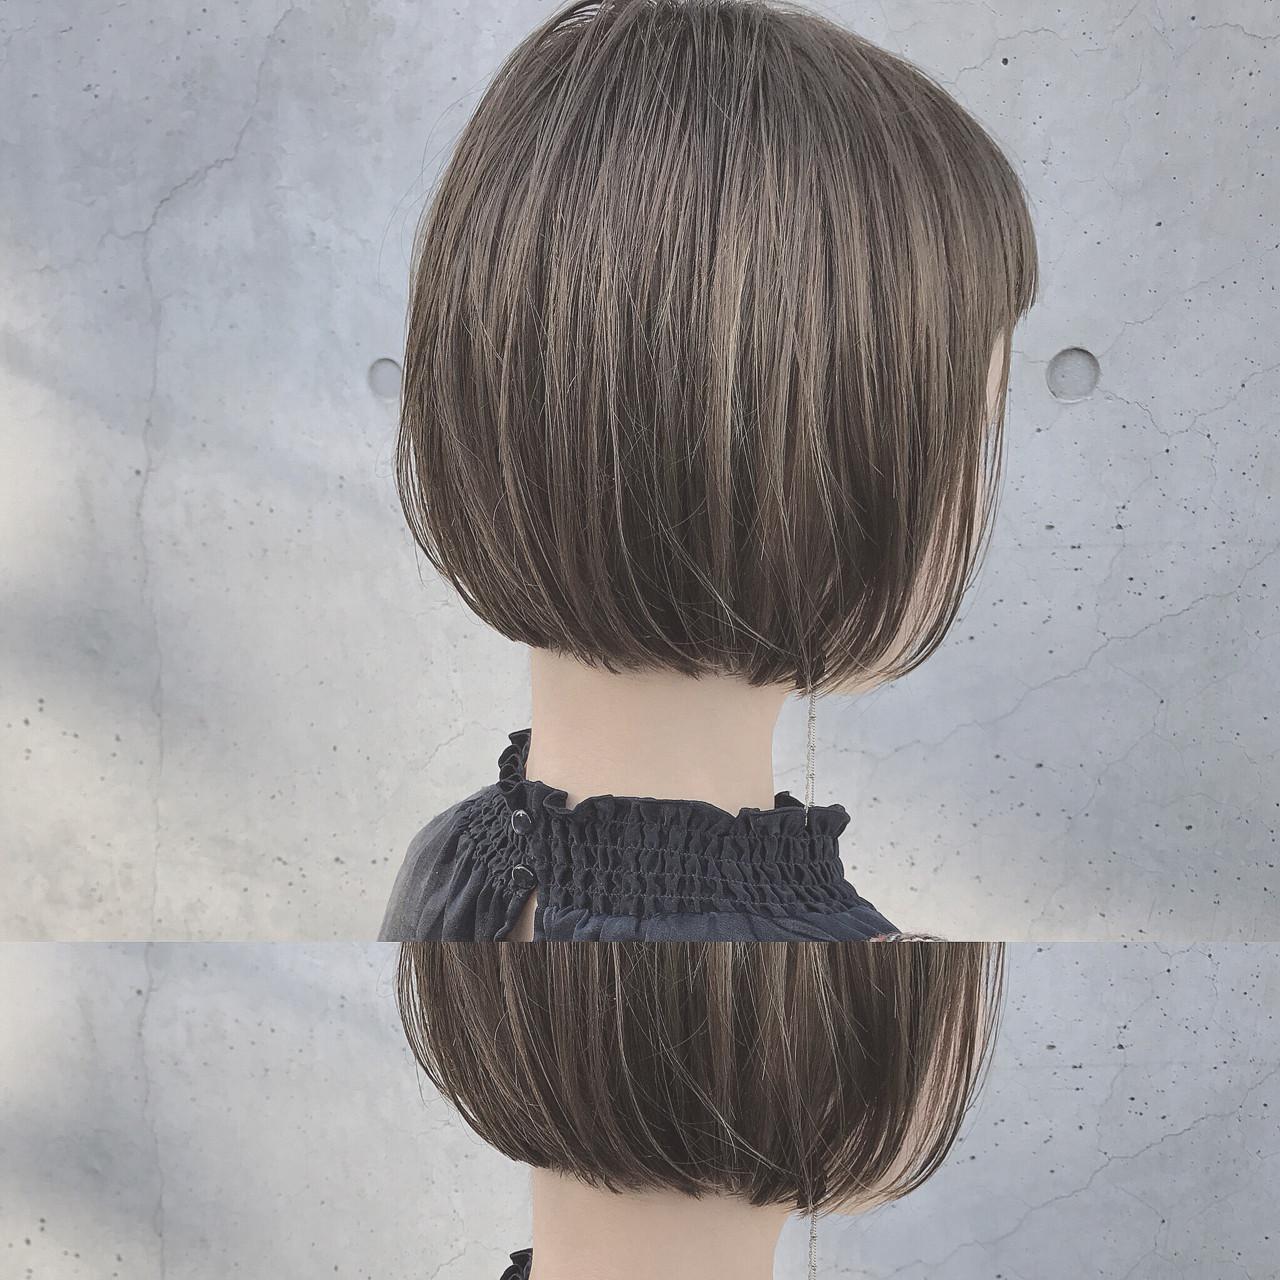 ヘアアイロンでの巻き方間違ってない?適正温度できれいな巻き髪に。の7枚目の画像